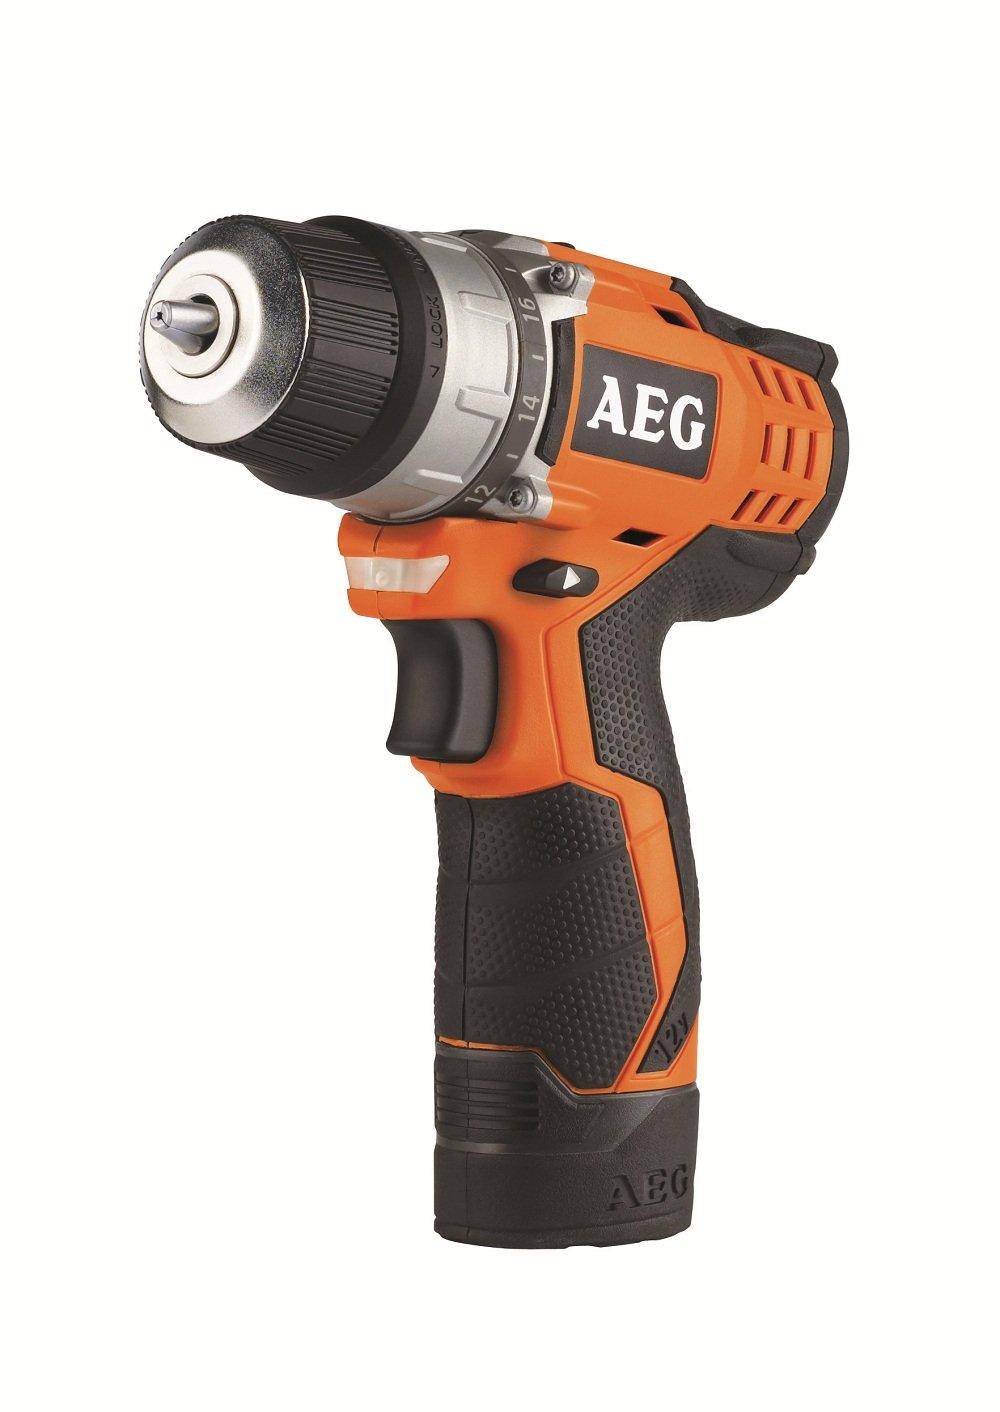 AEG BS 12 C2 (2 x 1.5 Ah PRO LiIon) AkkuKompaktBohrschrauber  BaumarktKritiken und weitere Infos